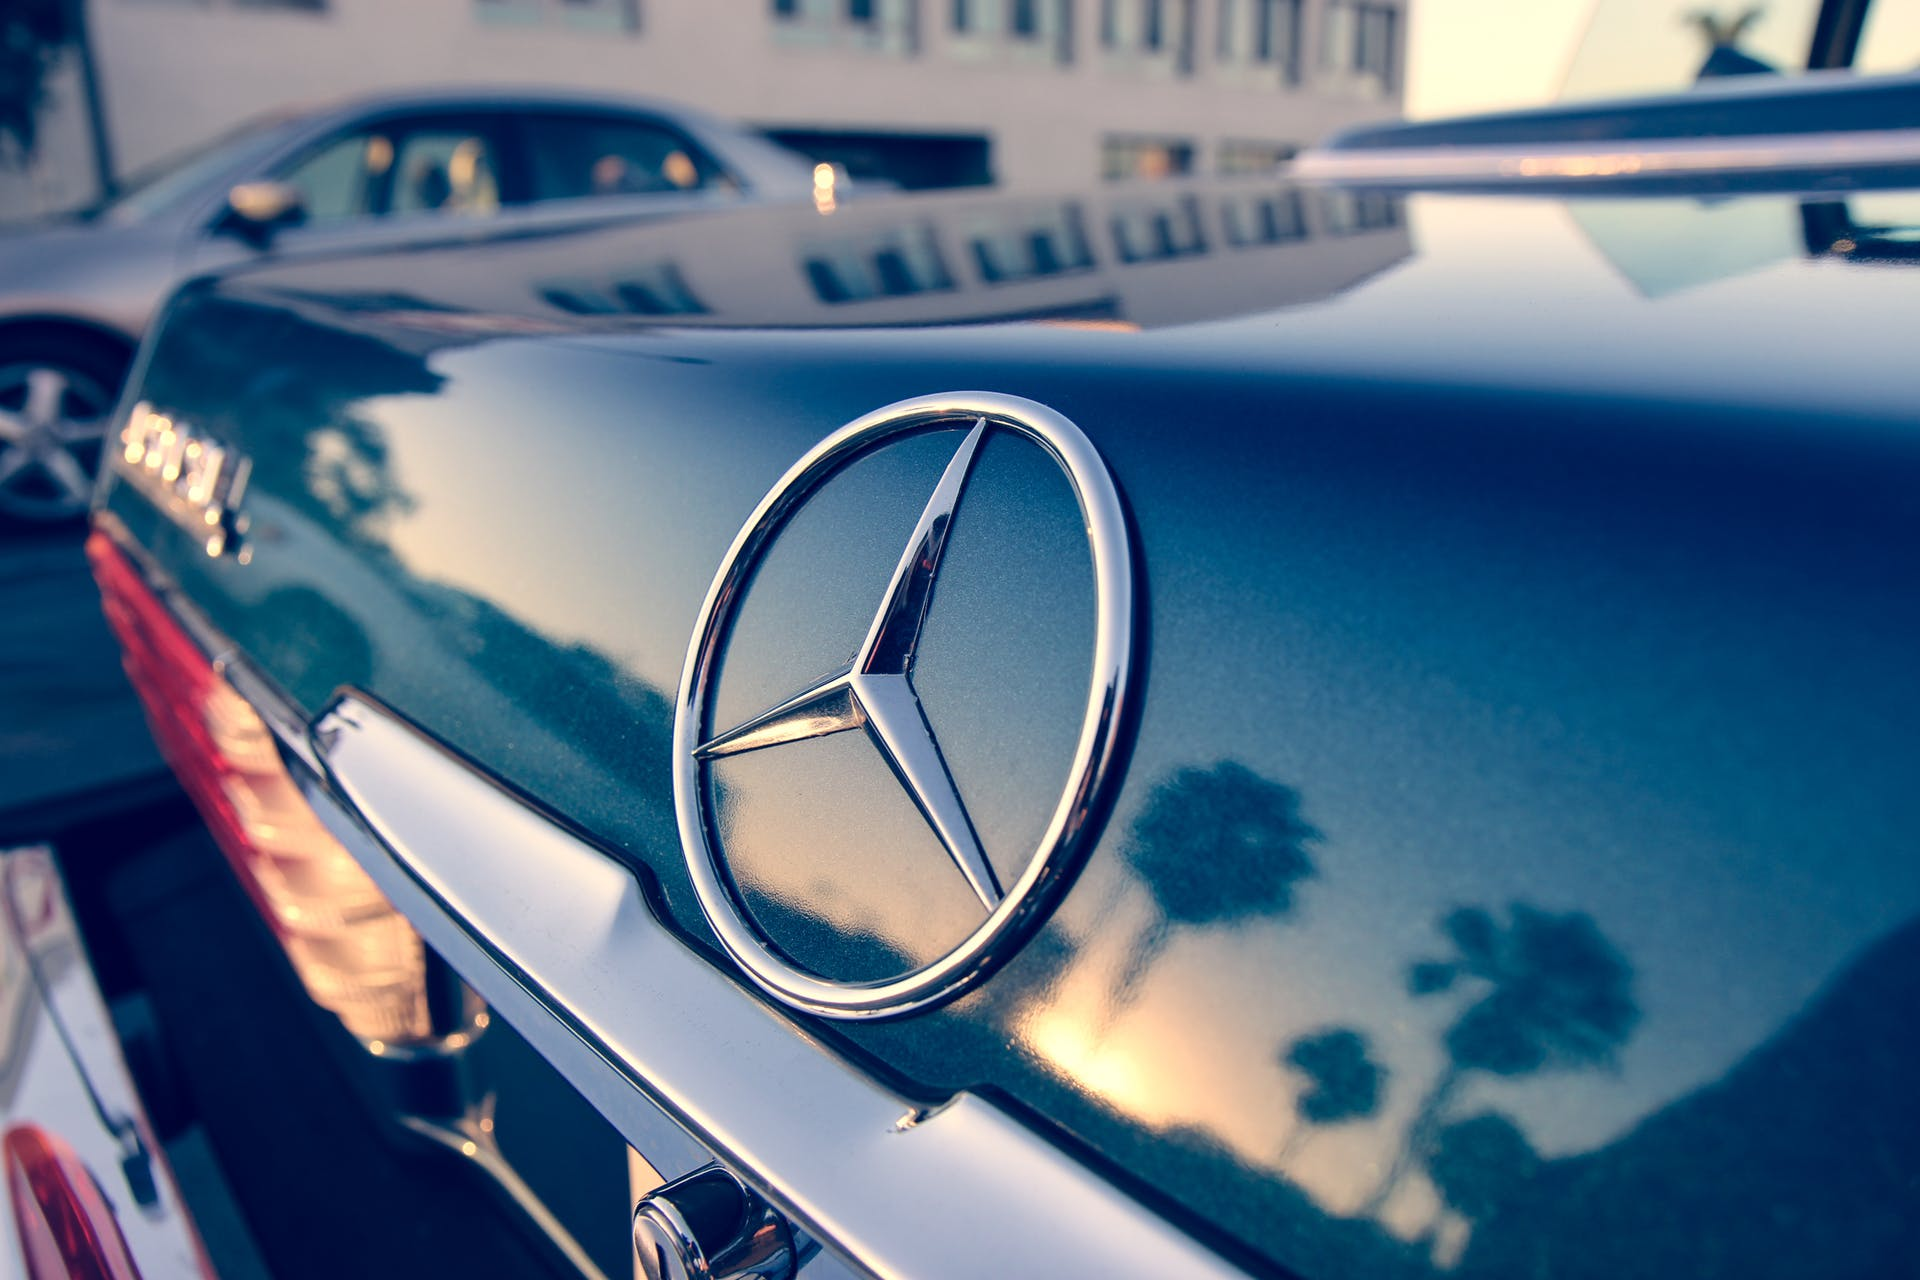 chrome mercedes benz automobile design shiny emblem car